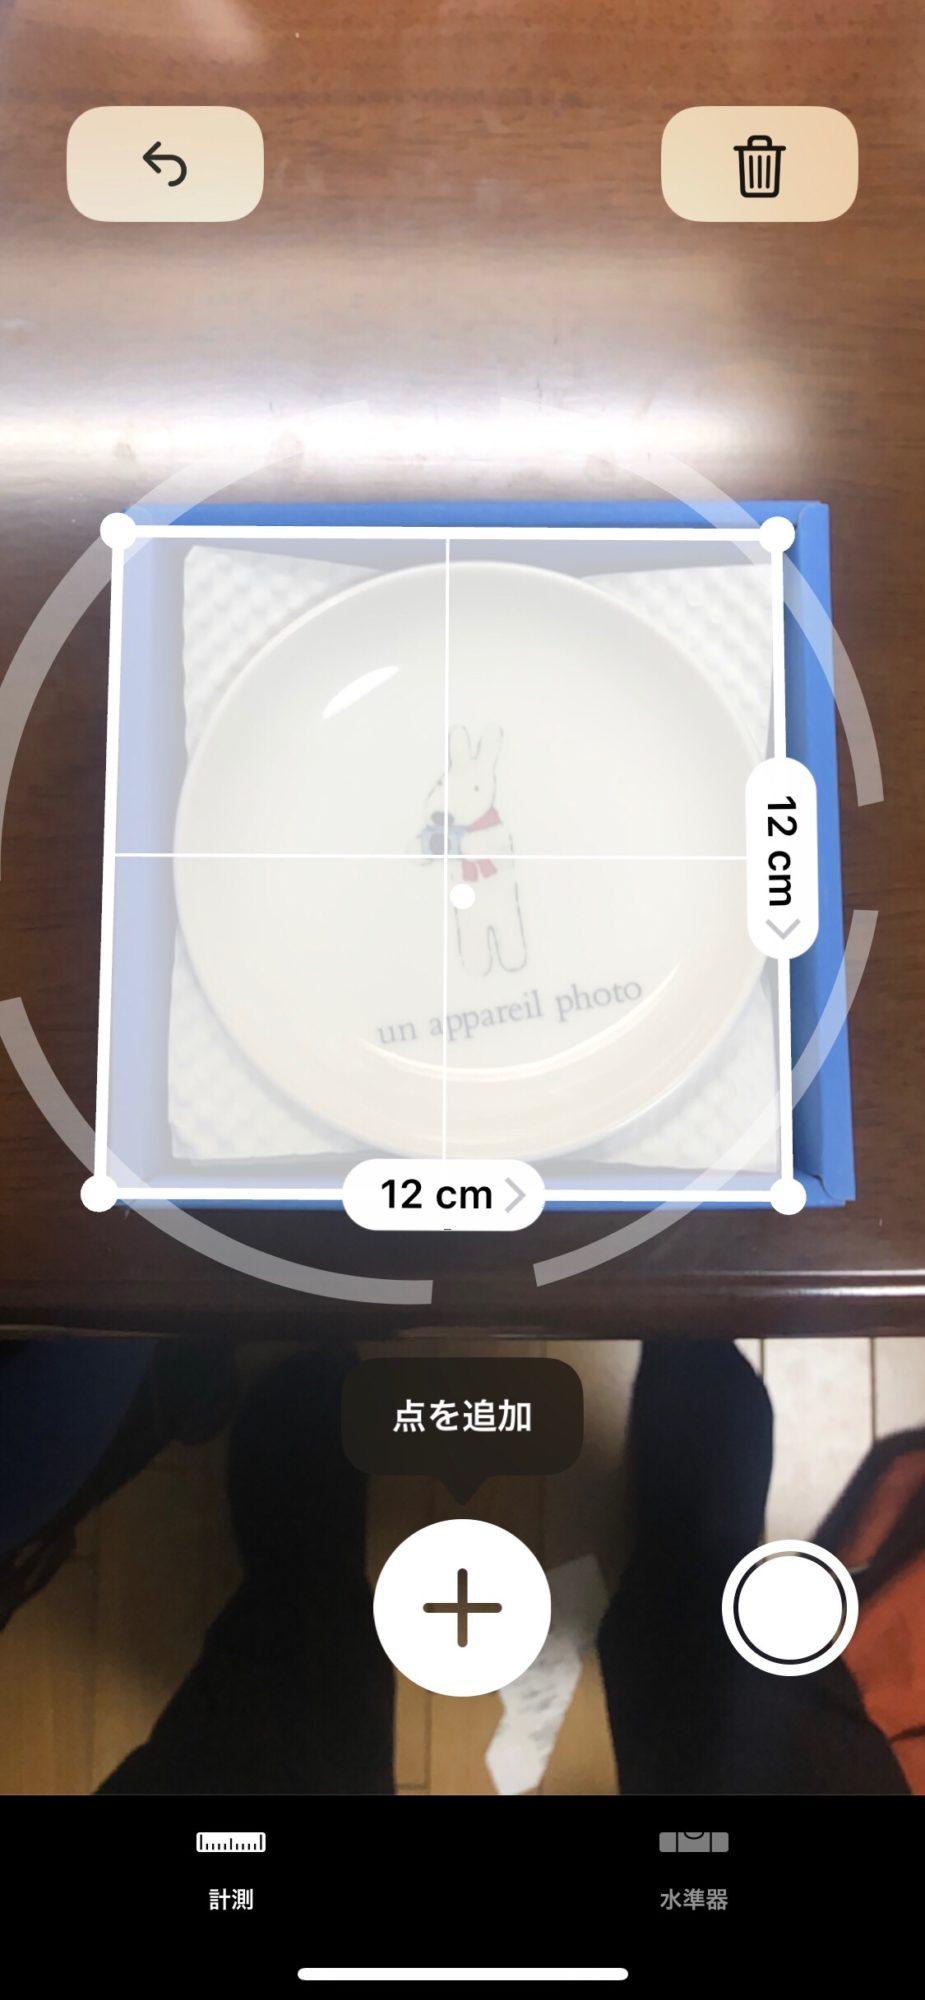 iPhoneの計測アプリが楽しい!!